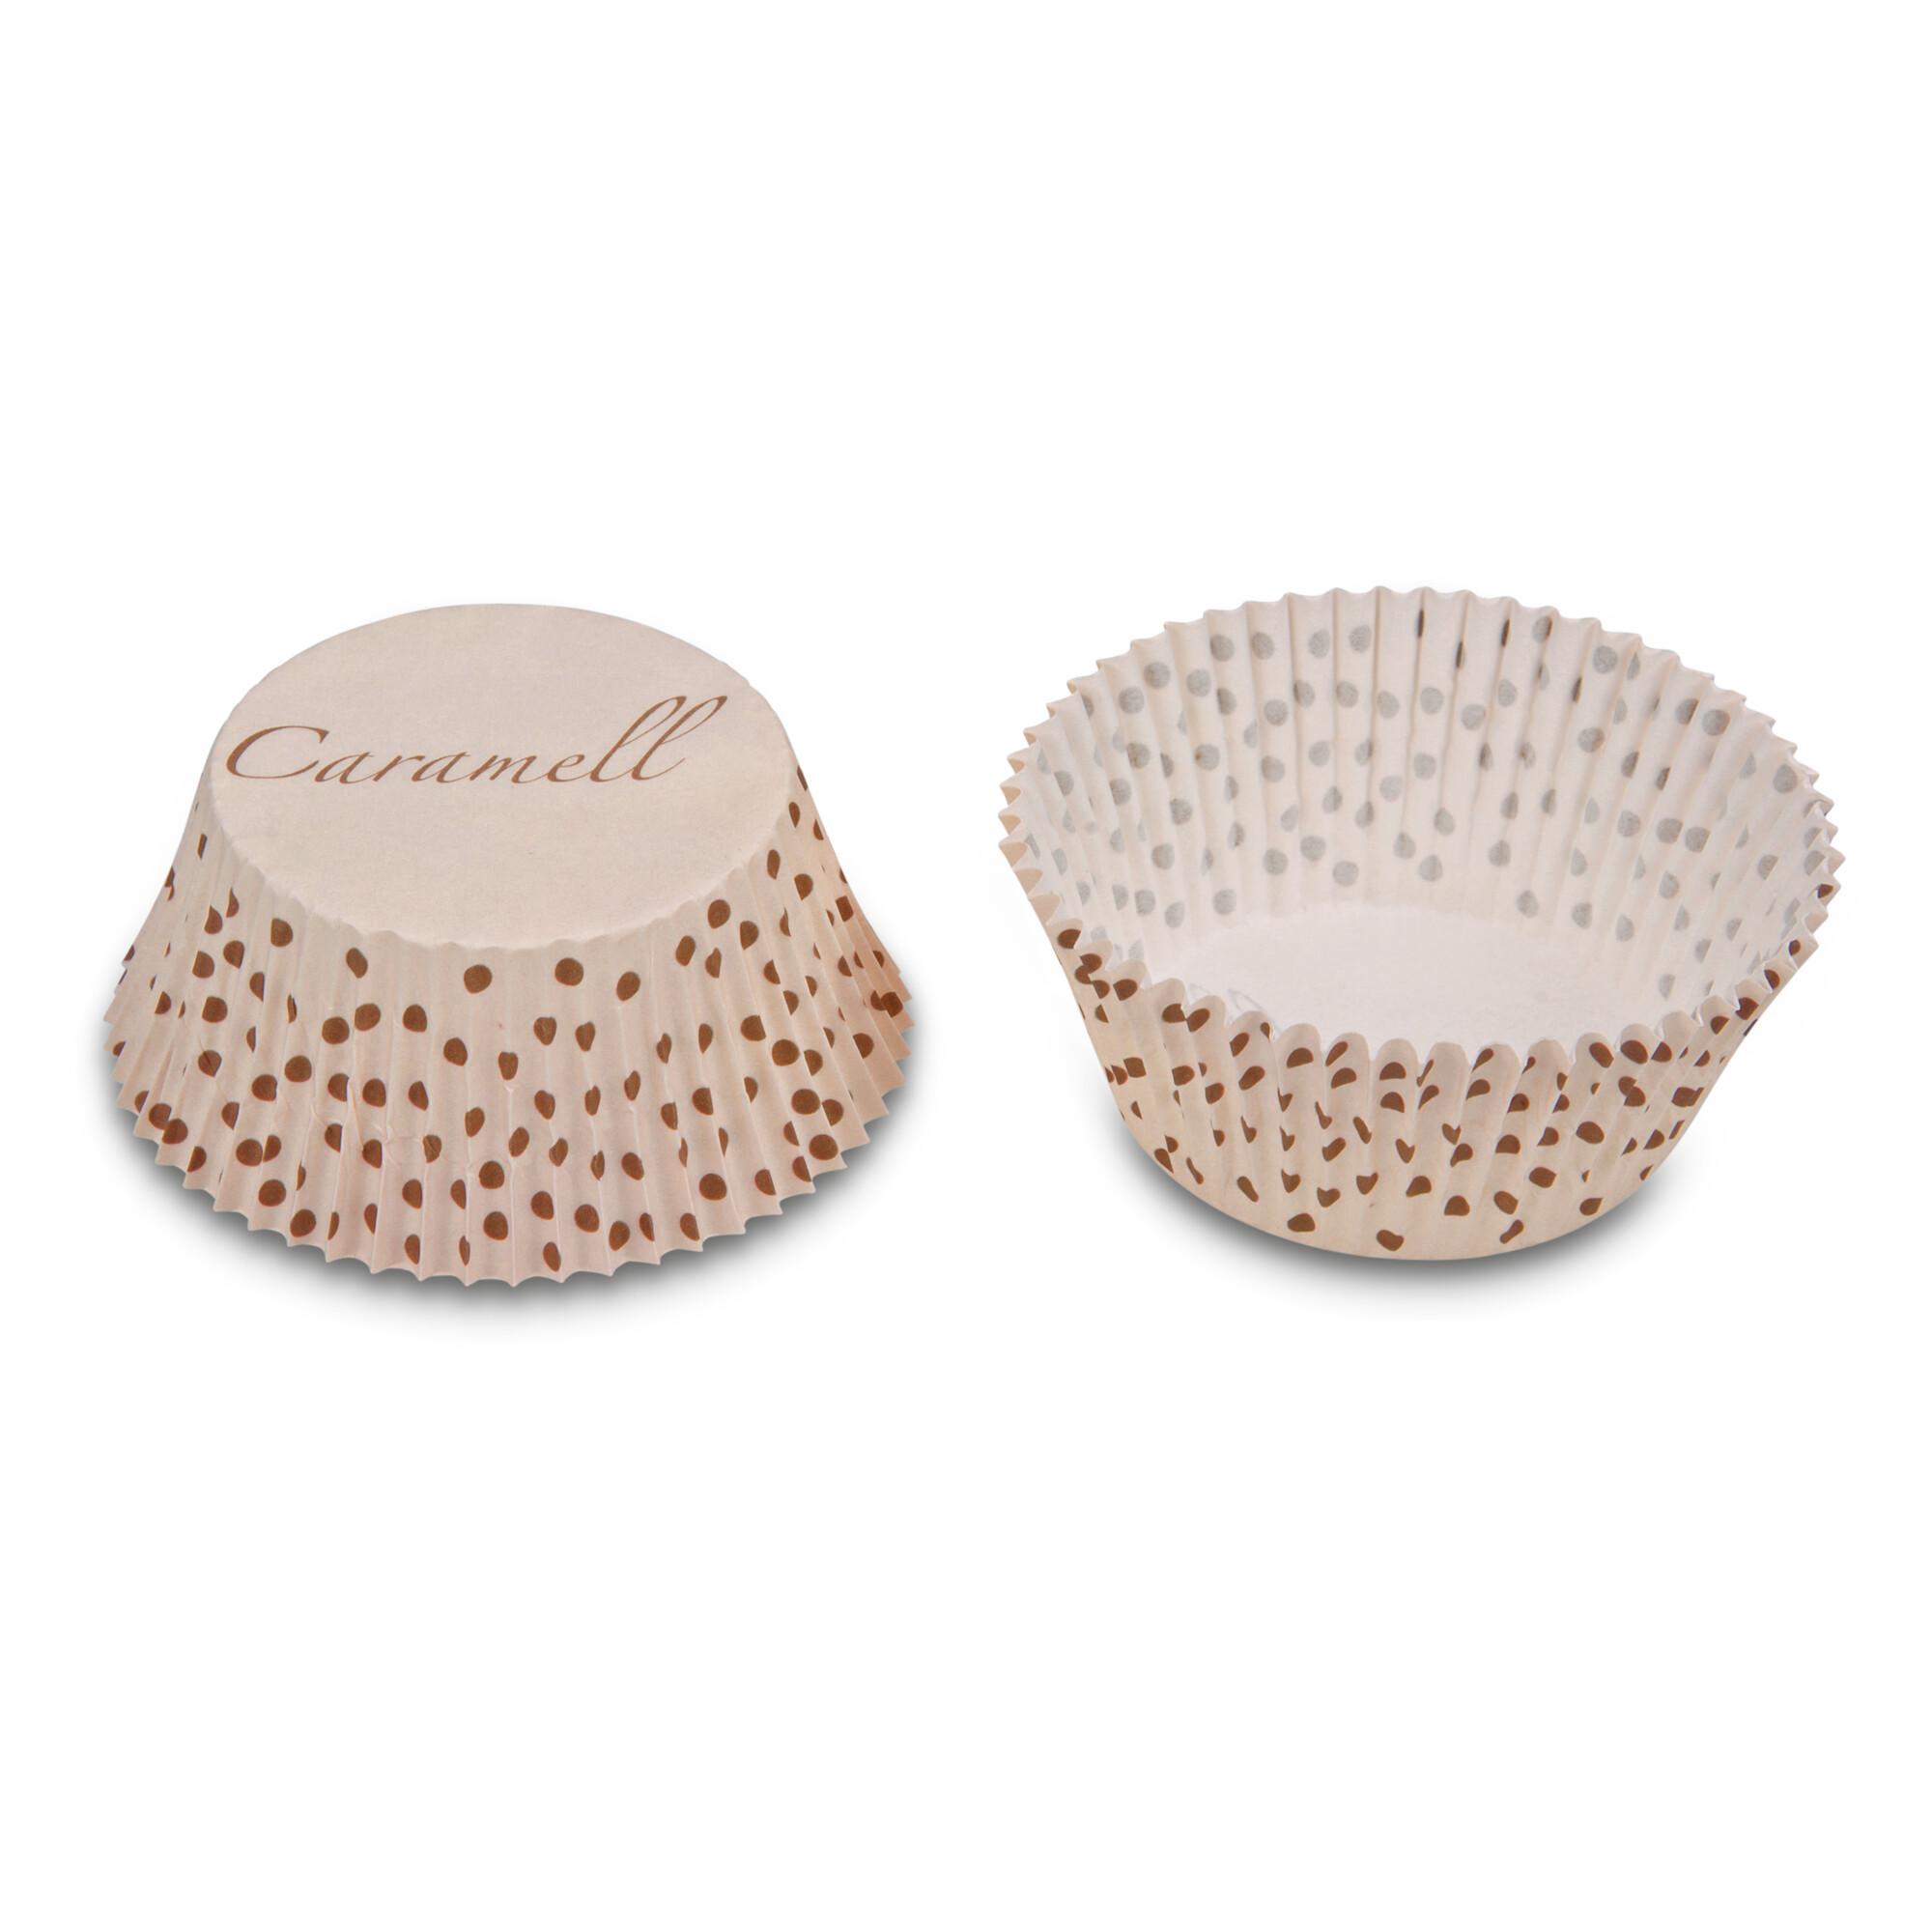 Papier-Backförmchen – Caramell – 50 Stück